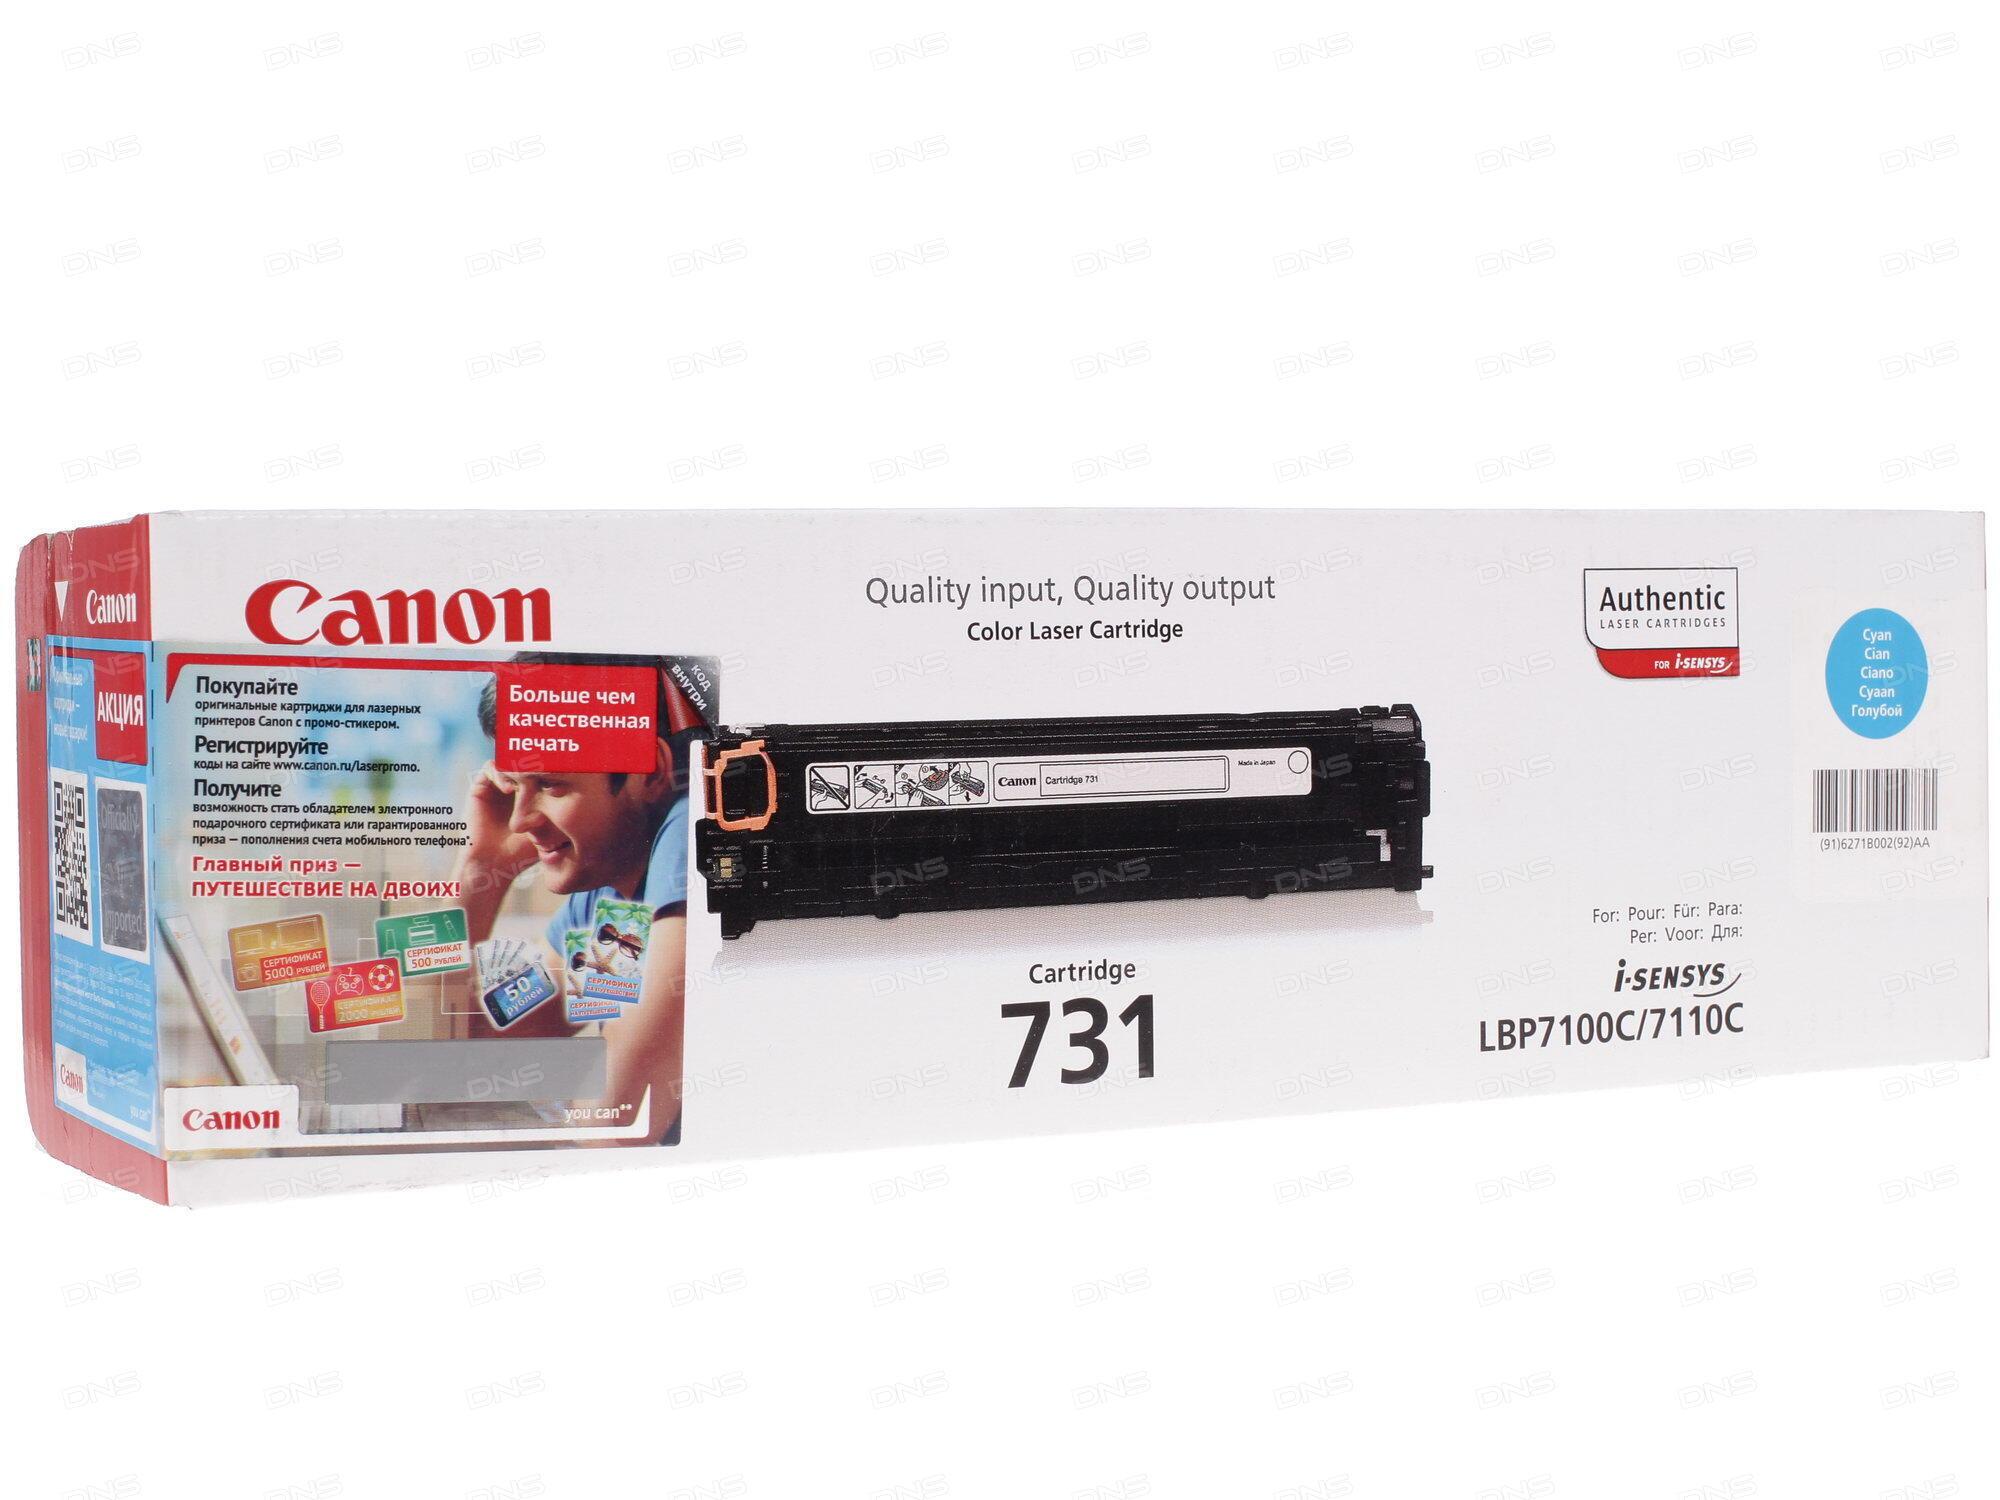 Картридж Canon 731C 6271B002 Light Blue для LBP7110